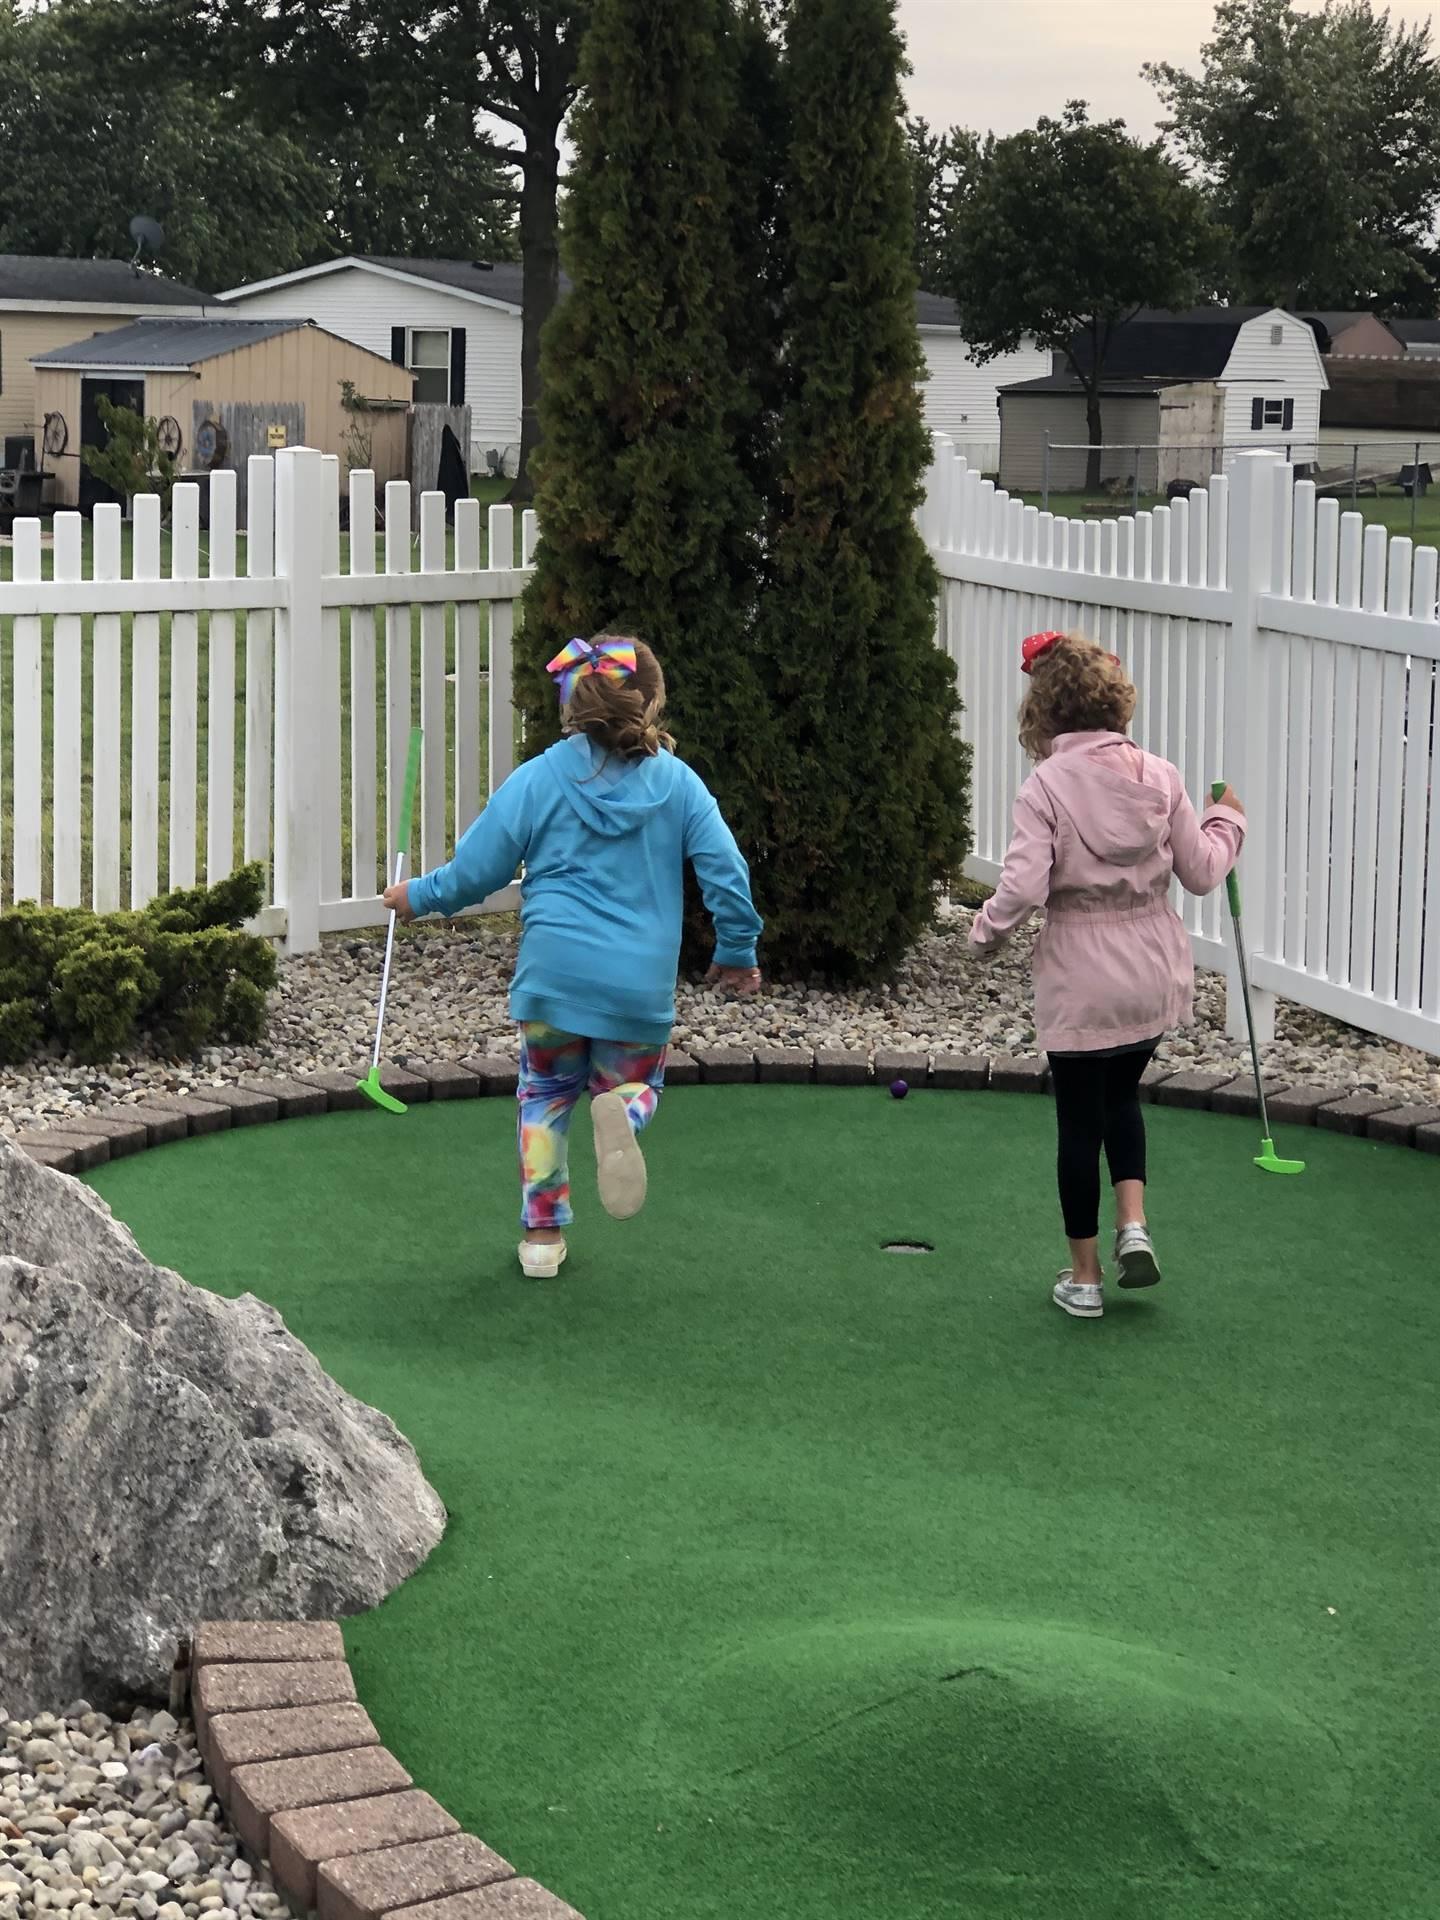 Two girls playing putt putt golf